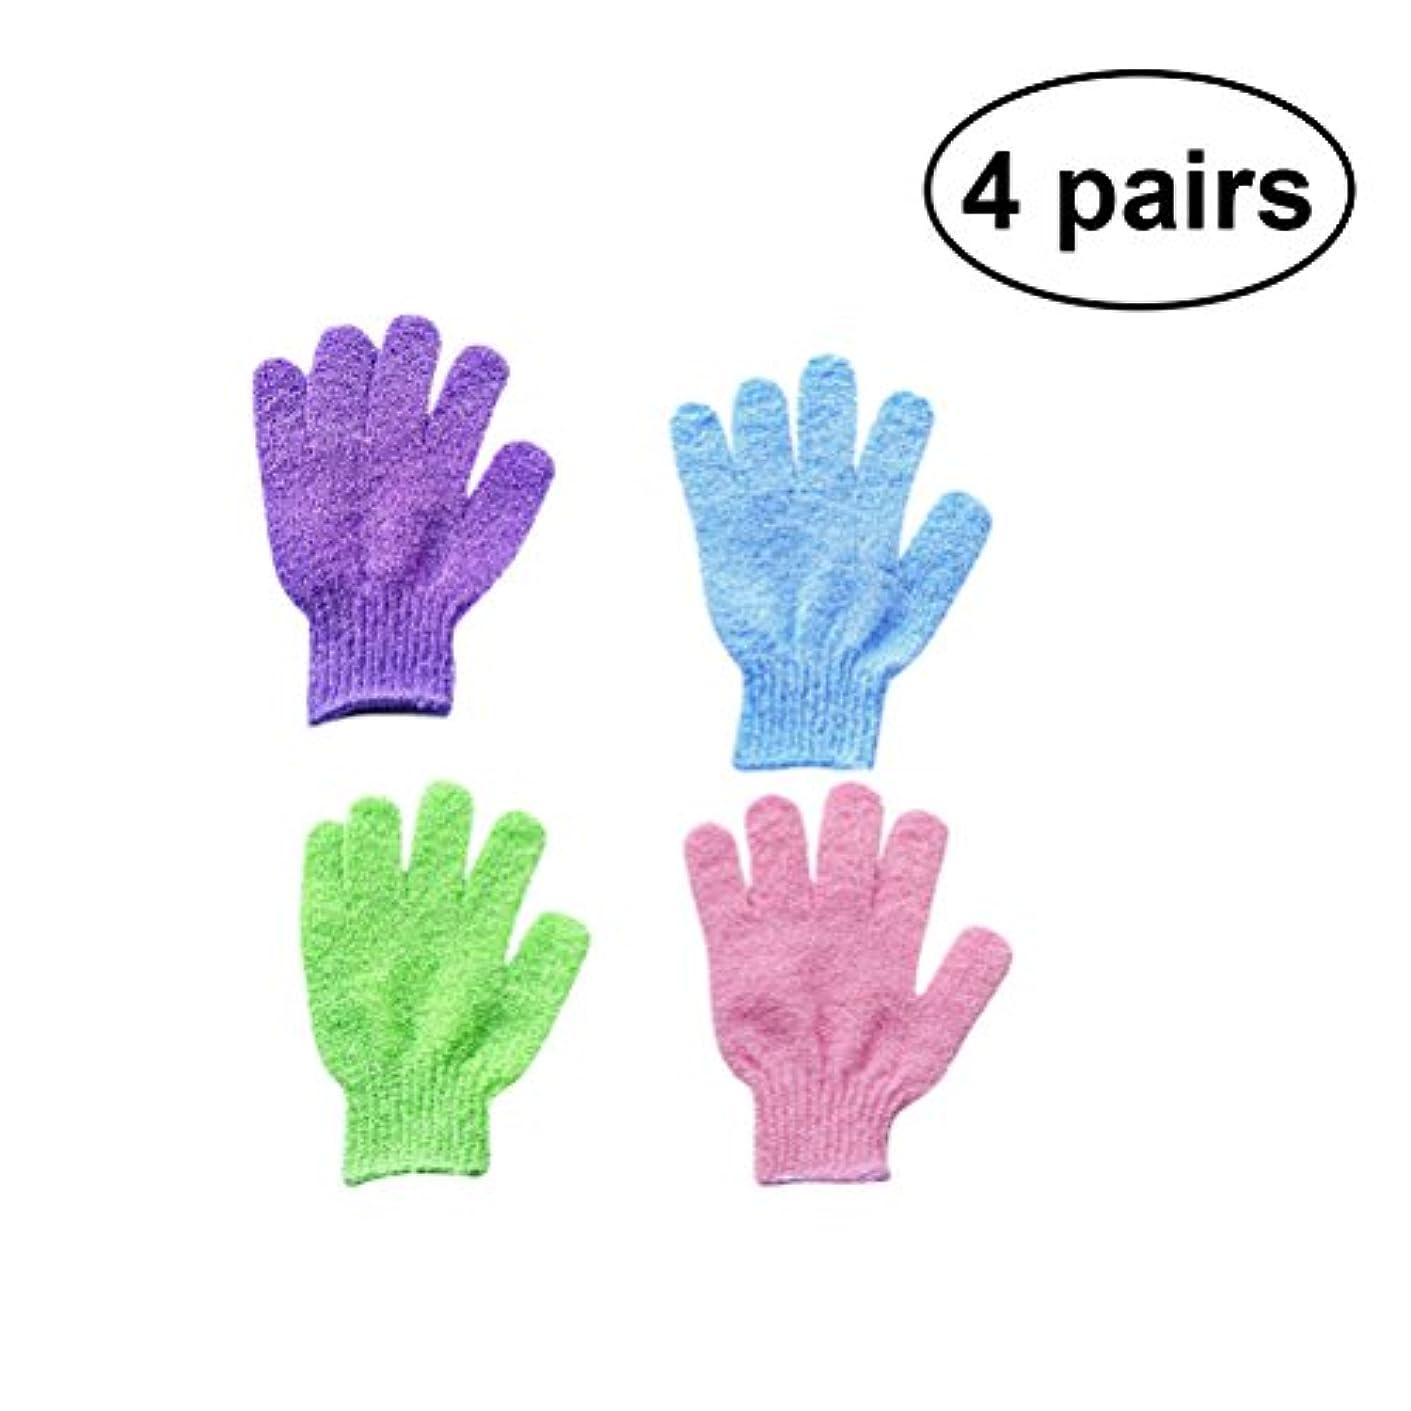 キリスト教納税者汚れるHealifty 4 Pairs Exfoliating Bath Gloves Shower Mitts Exfoliating Body Spa Massage Dead Skin Cell Remover